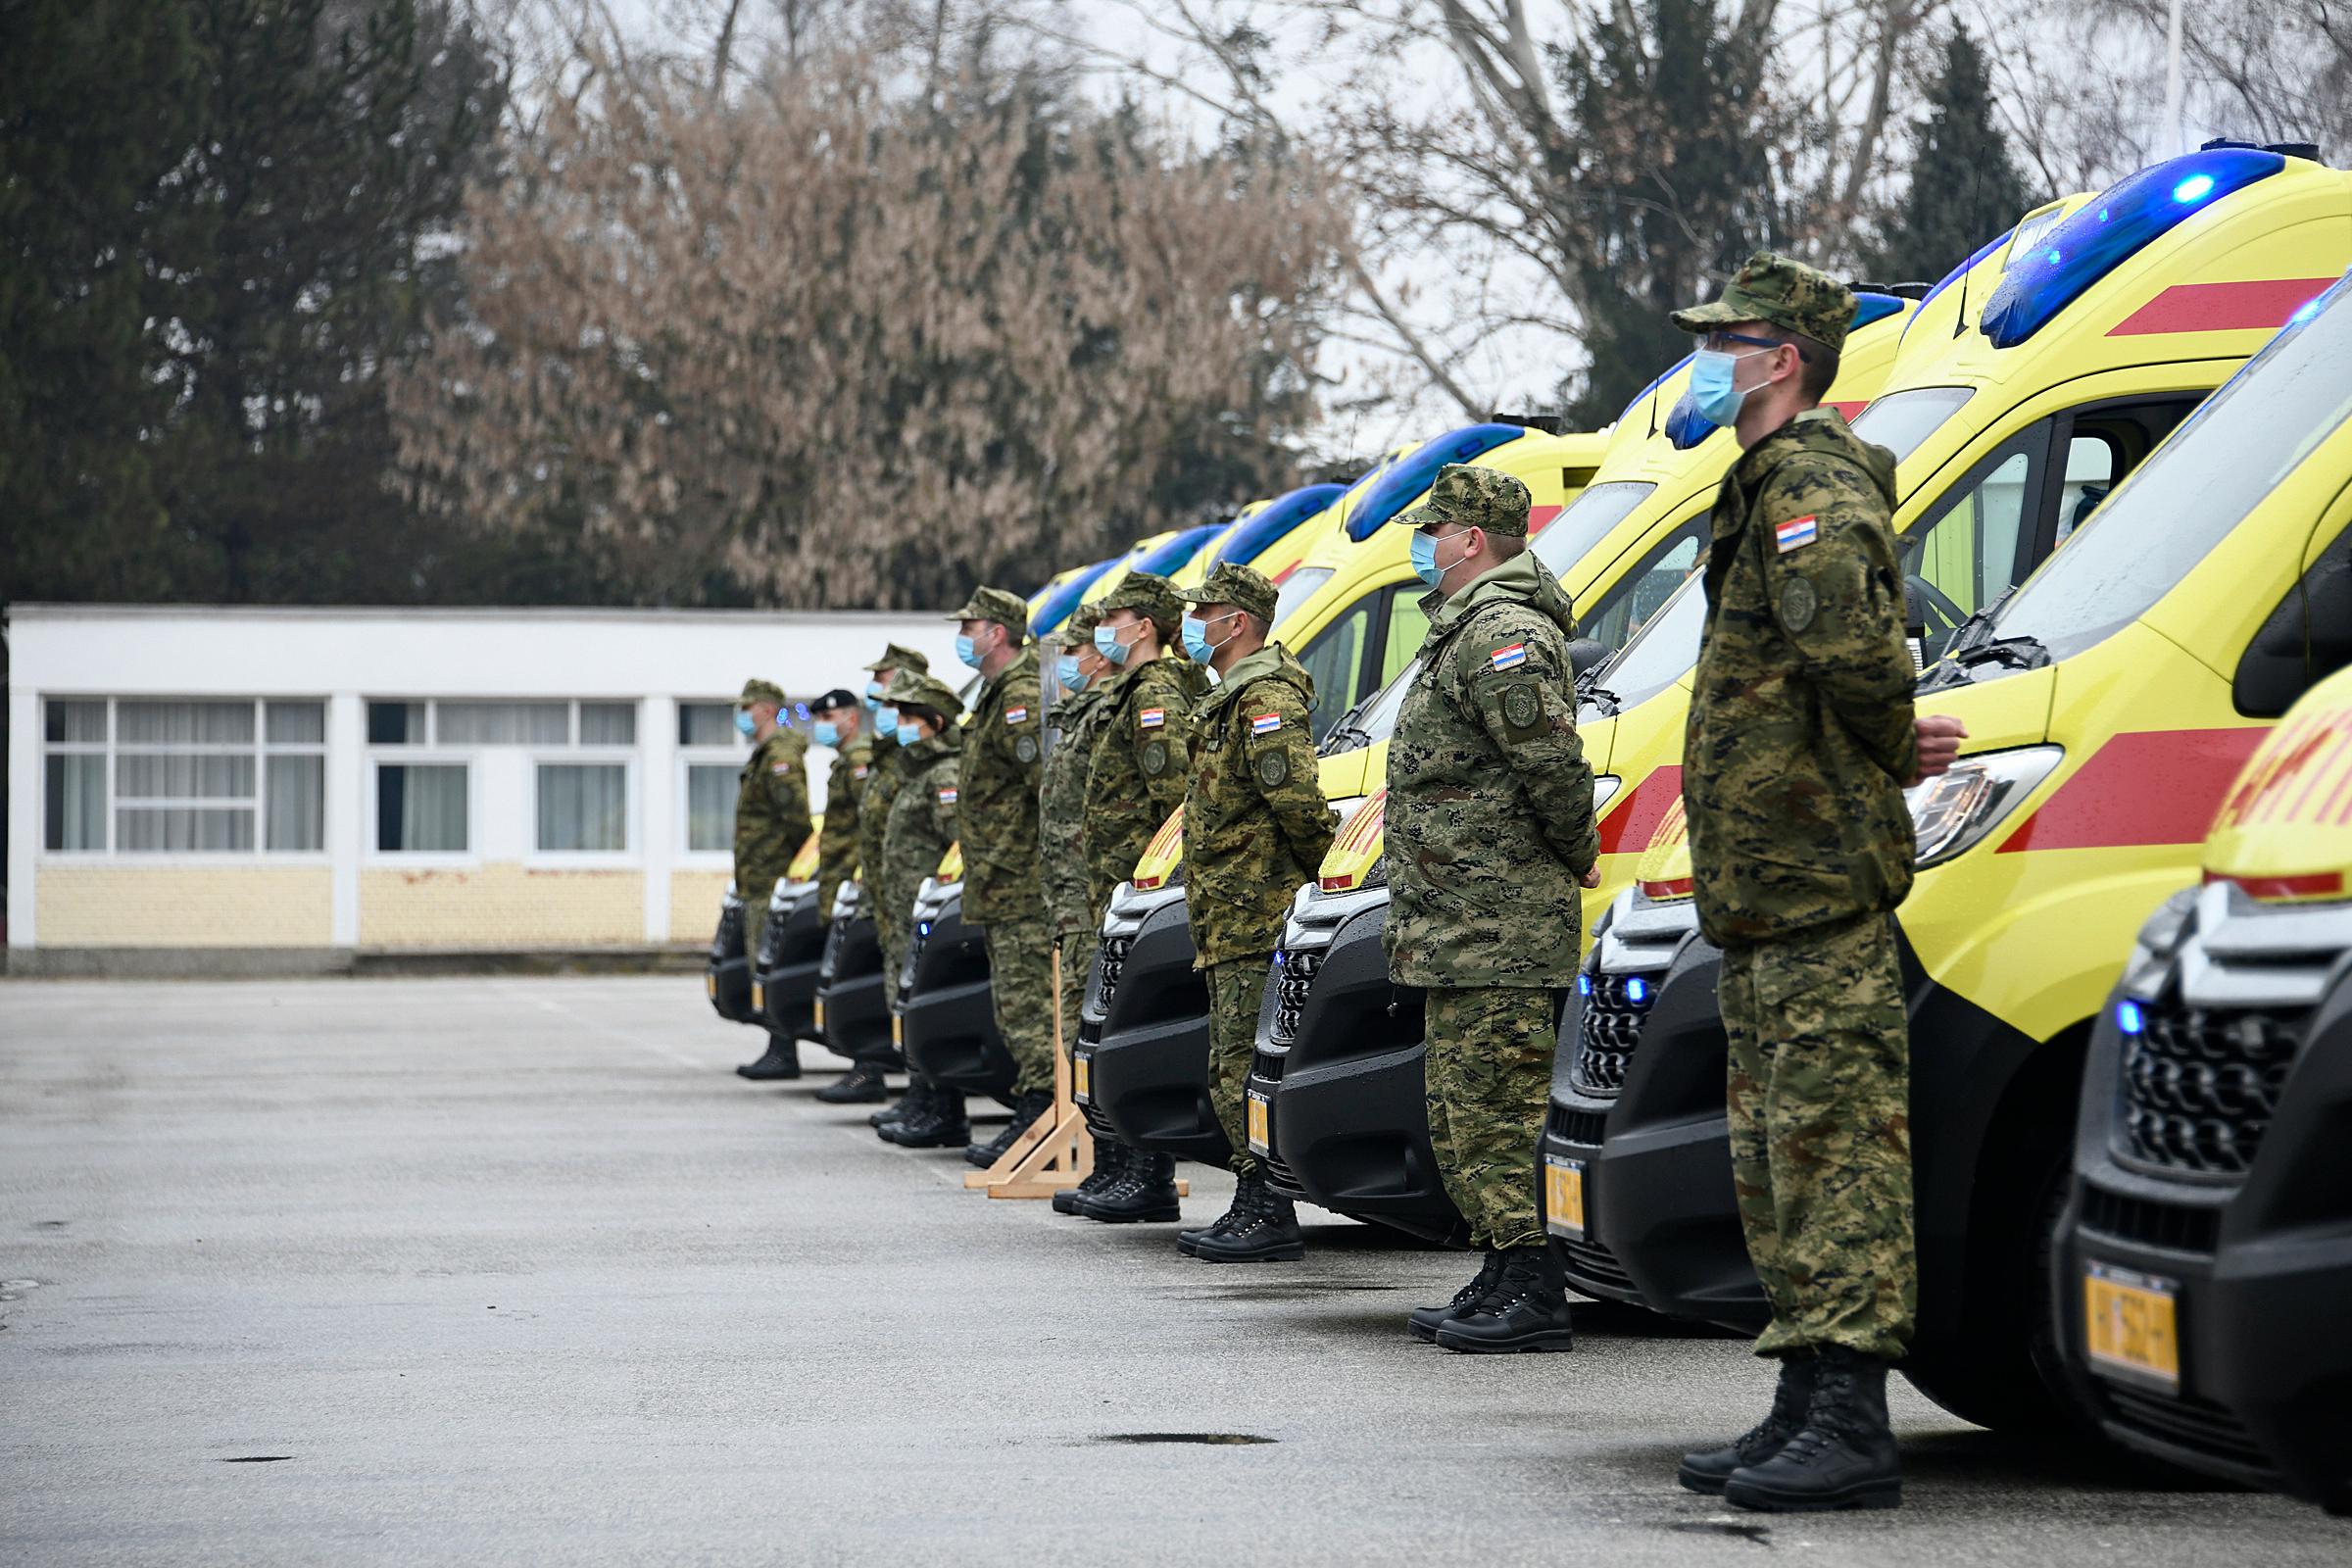 Održana prezentacija novonabavljenih sanitetskih vozila za potrebe Hrvatske vojske